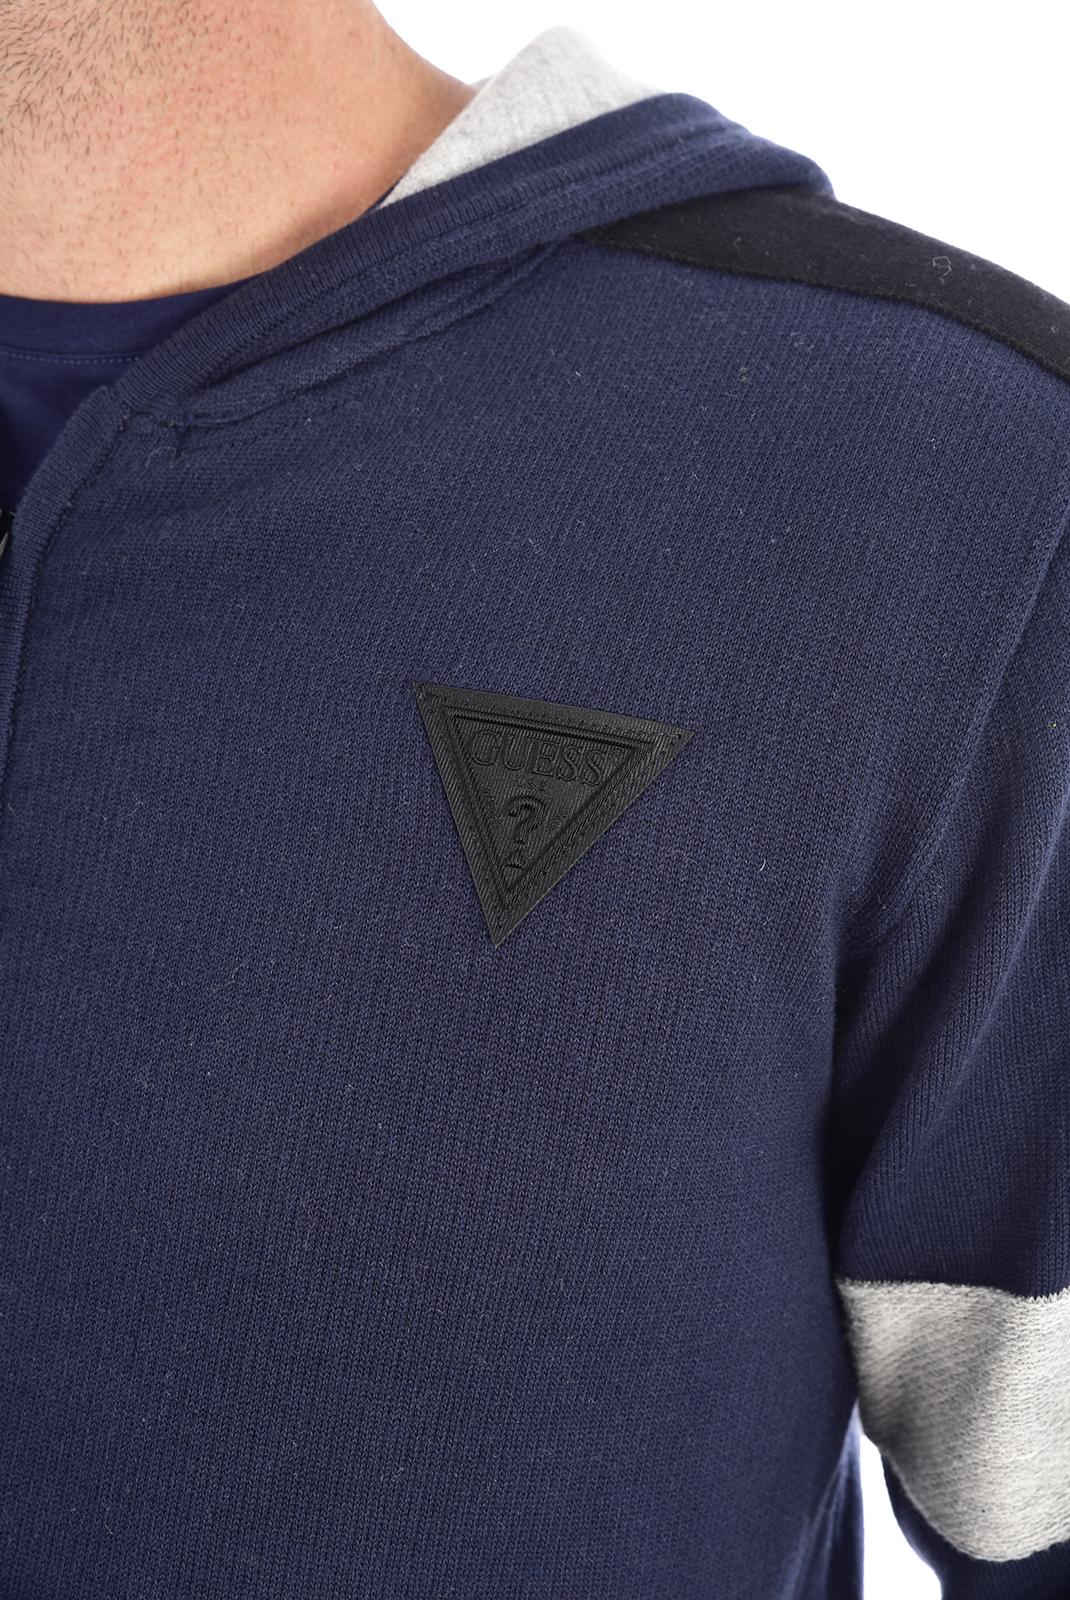 Vestes zippées  Guess jeans M94R59 Z2HL0 G720 Bleu navy